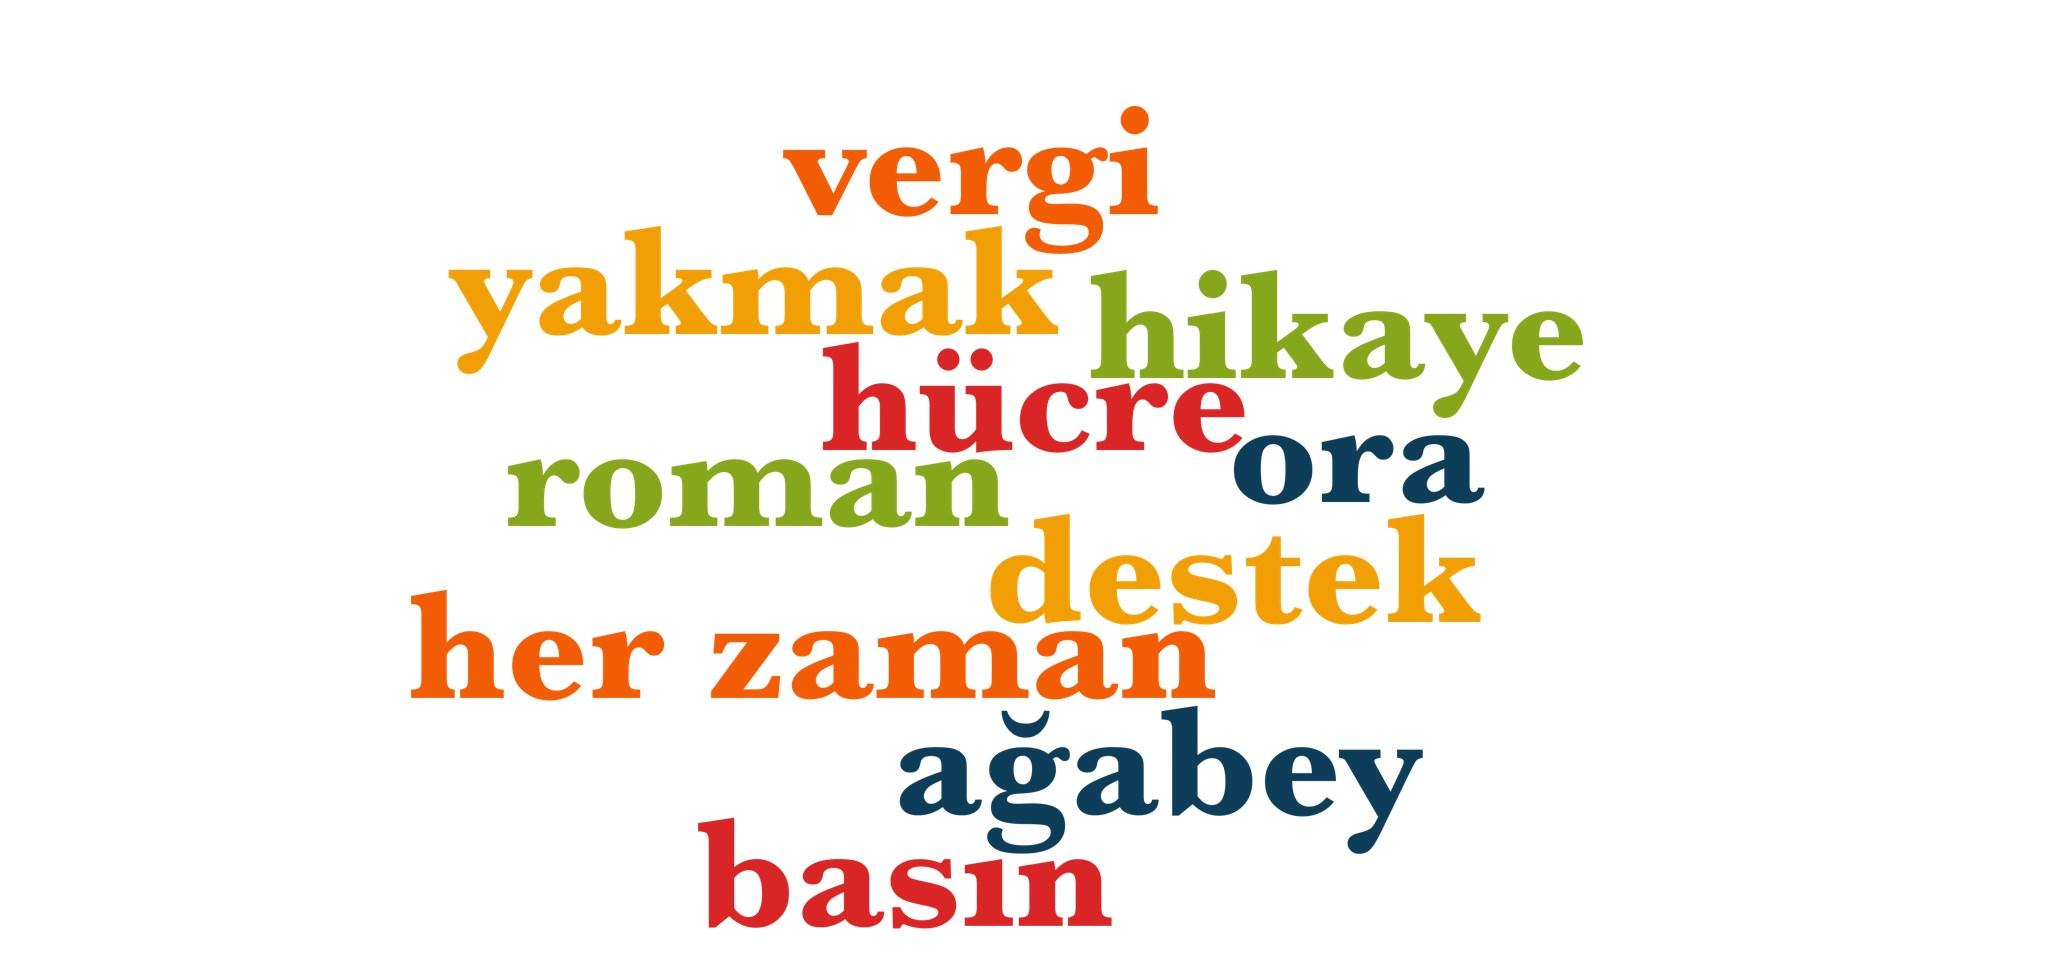 Wörter 741 bis 750 der 1000 häufigsten Wörter der türkischen Sprache